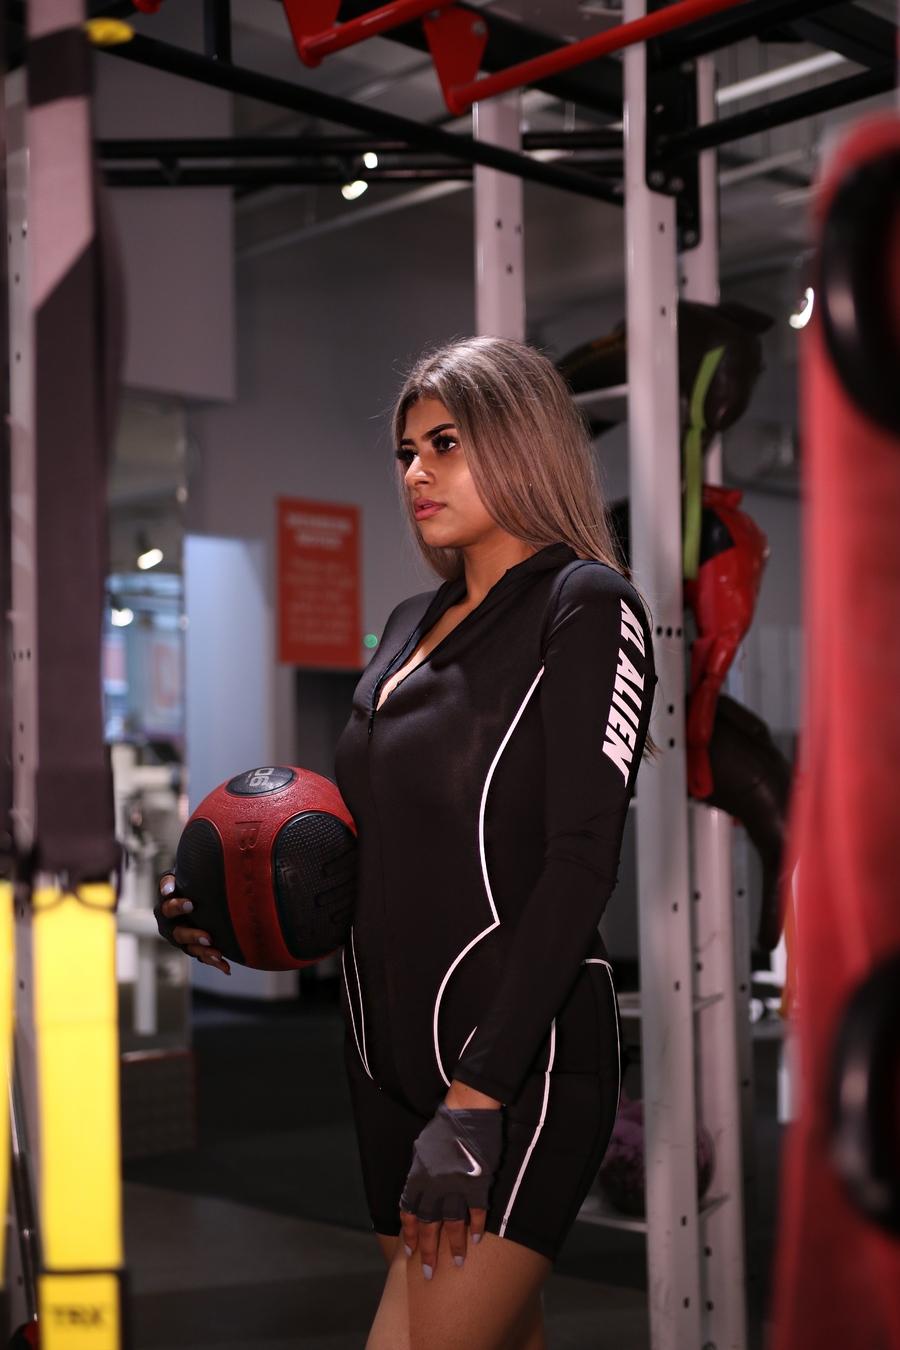 Model Leisha / Uploaded 2nd December 2019 @ 11:17 AM